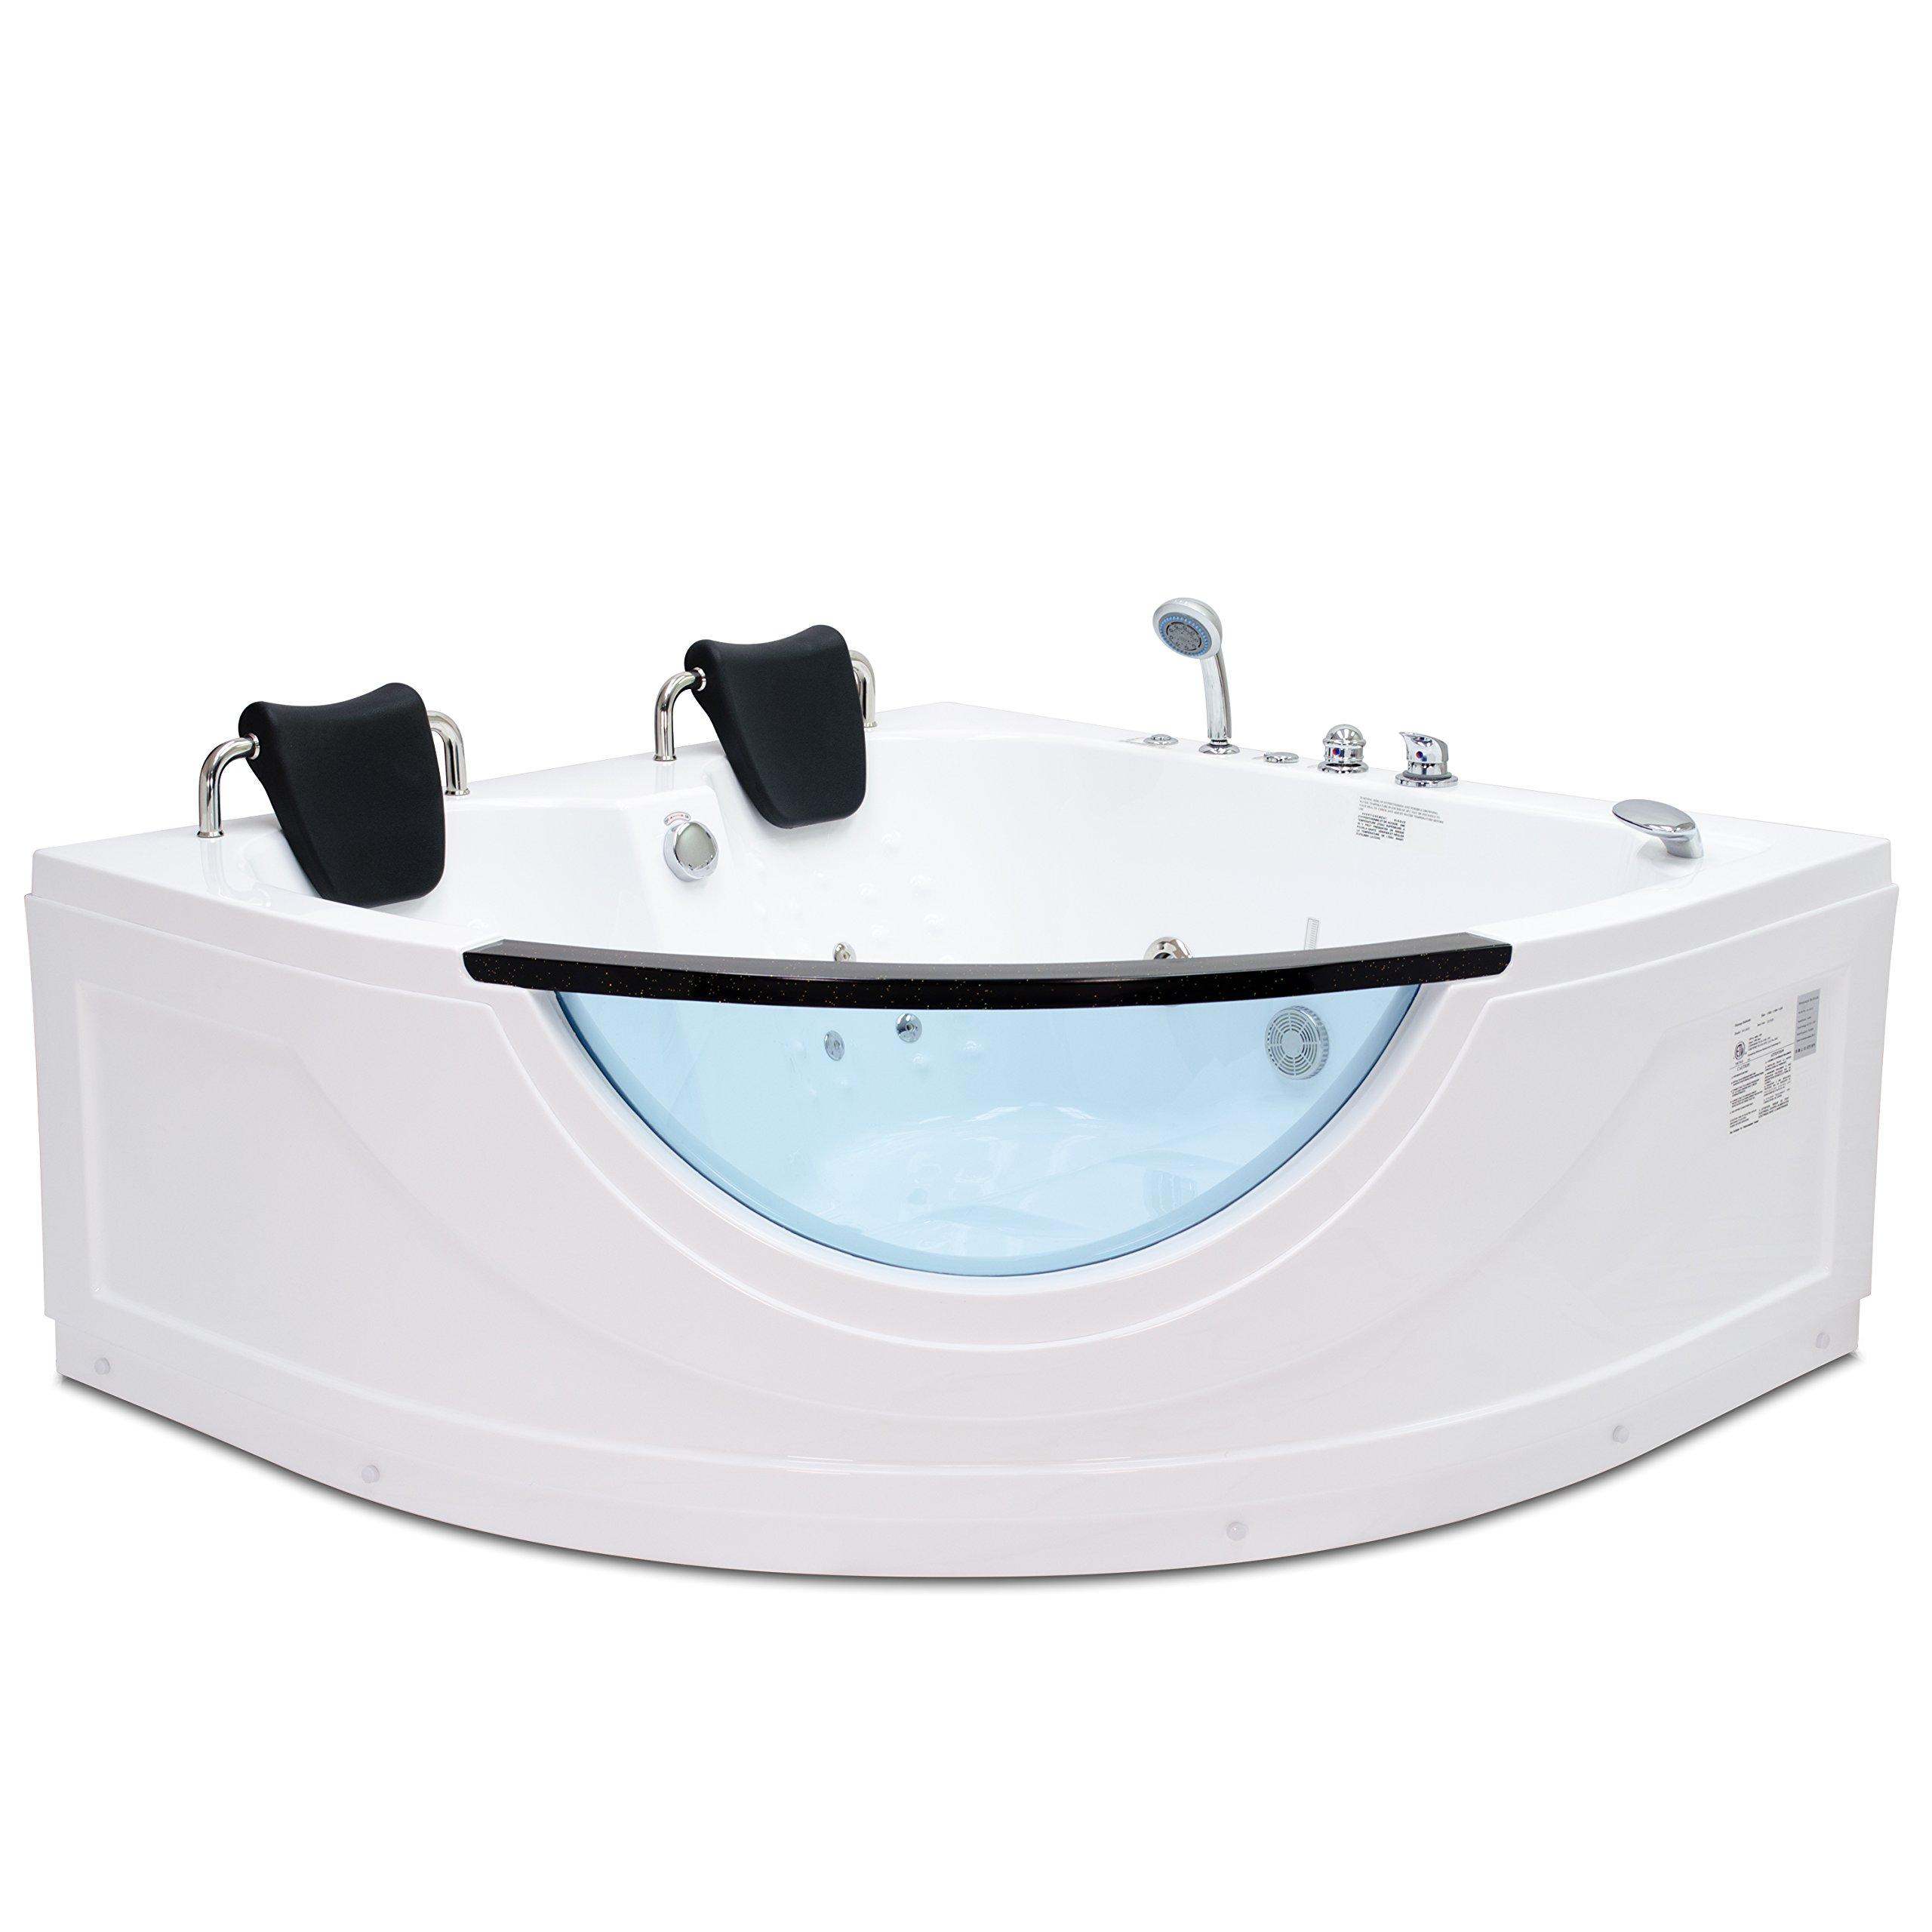 Cheap Corner Bath Tub, find Corner Bath Tub deals on line at Alibaba.com